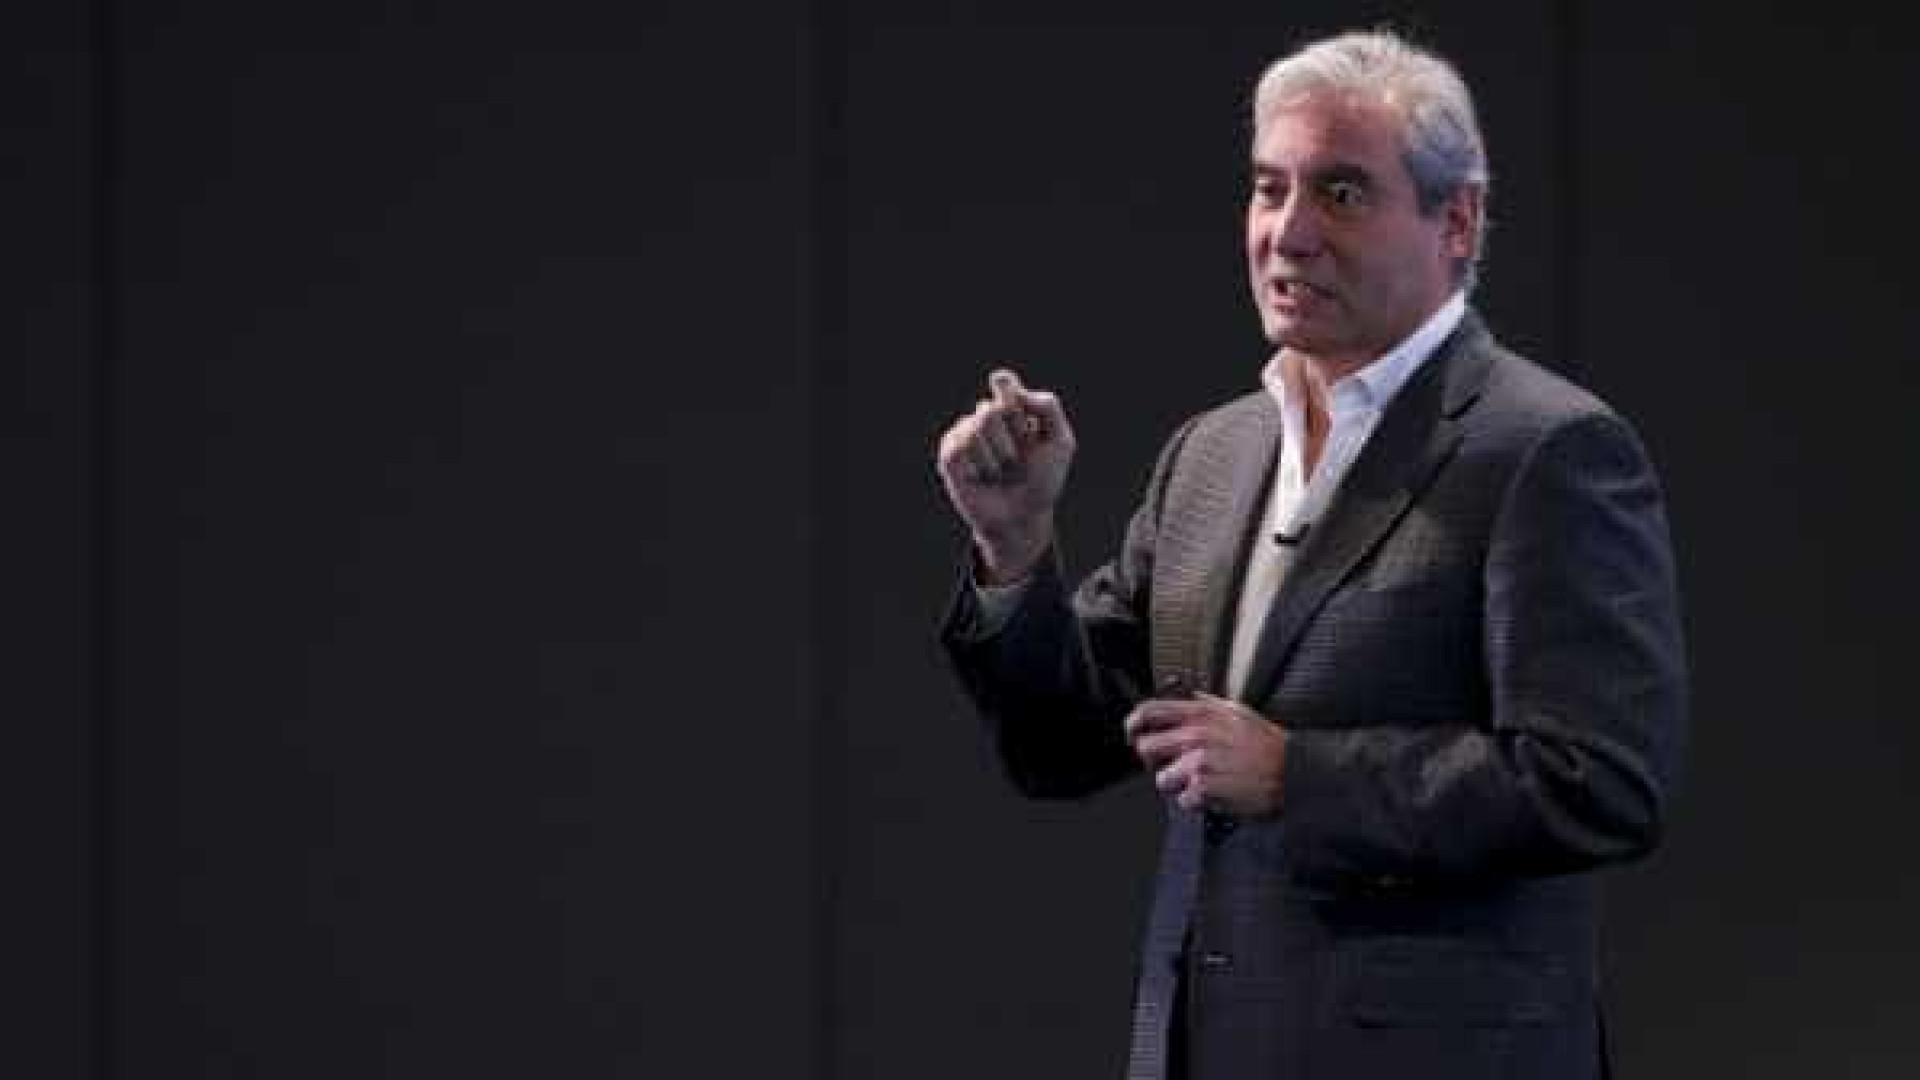 Para presidente da Coca-Cola, consumidor no Brasil ainda não reagiu